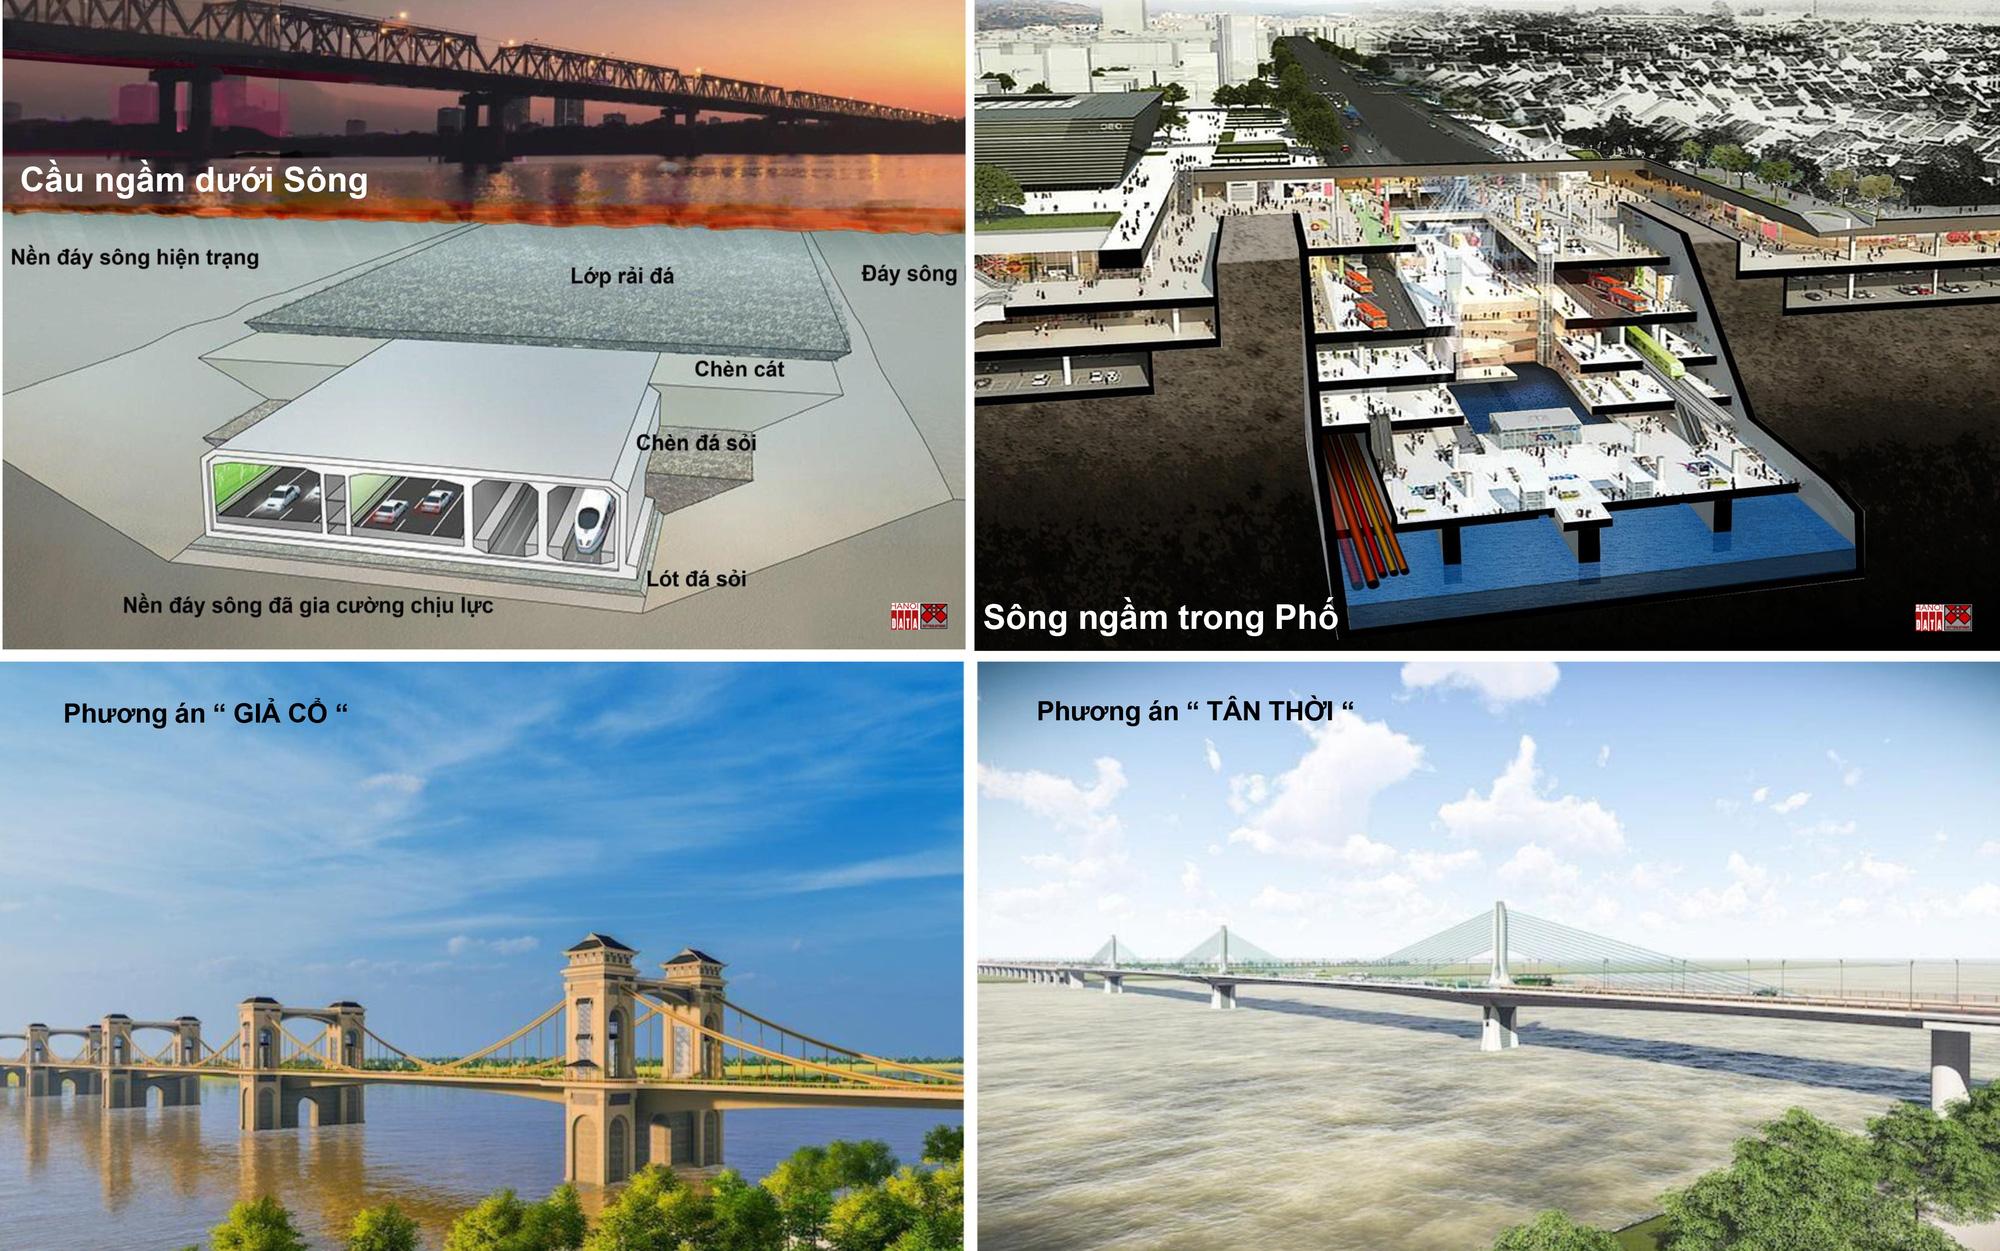 """""""Giải cứu"""" cầu Long Biên và ý tưởng làm giàu từ những cầu cầu của Hà Nội - Ảnh 11."""